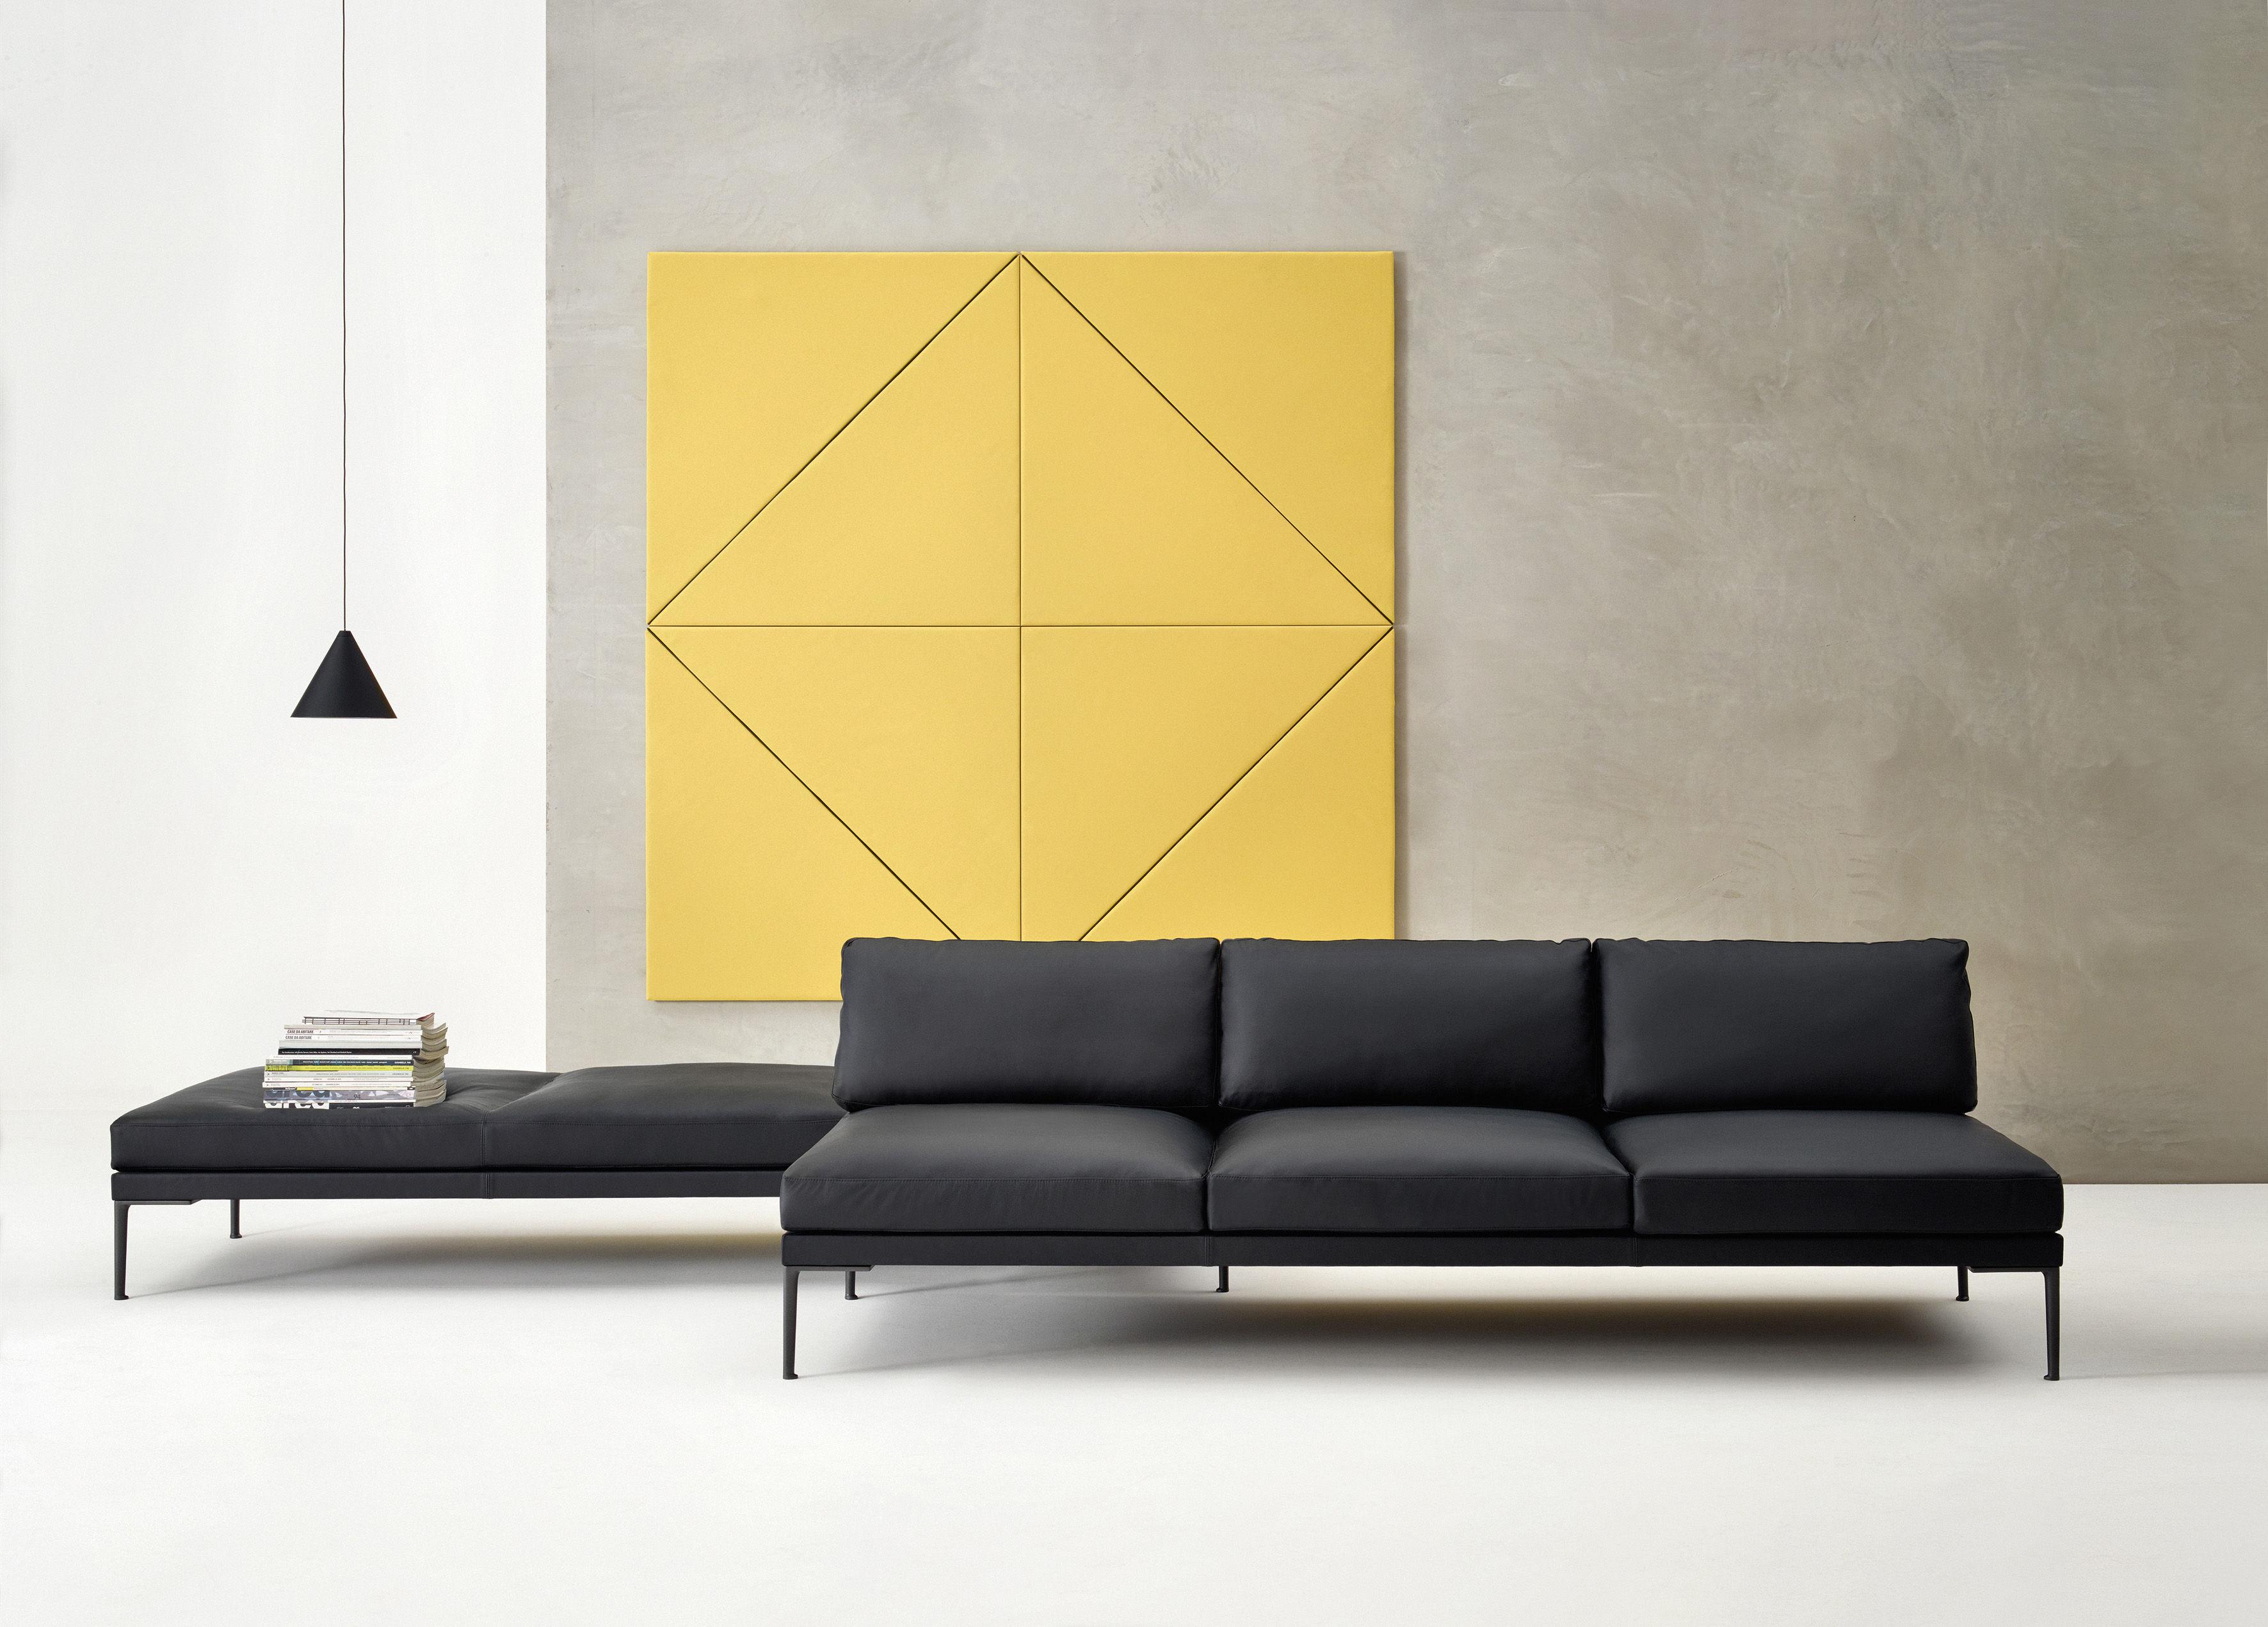 canap droit steeve cuir 3 places l 231 cm sans accoudoirs cuir noir ext rieur dossier. Black Bedroom Furniture Sets. Home Design Ideas